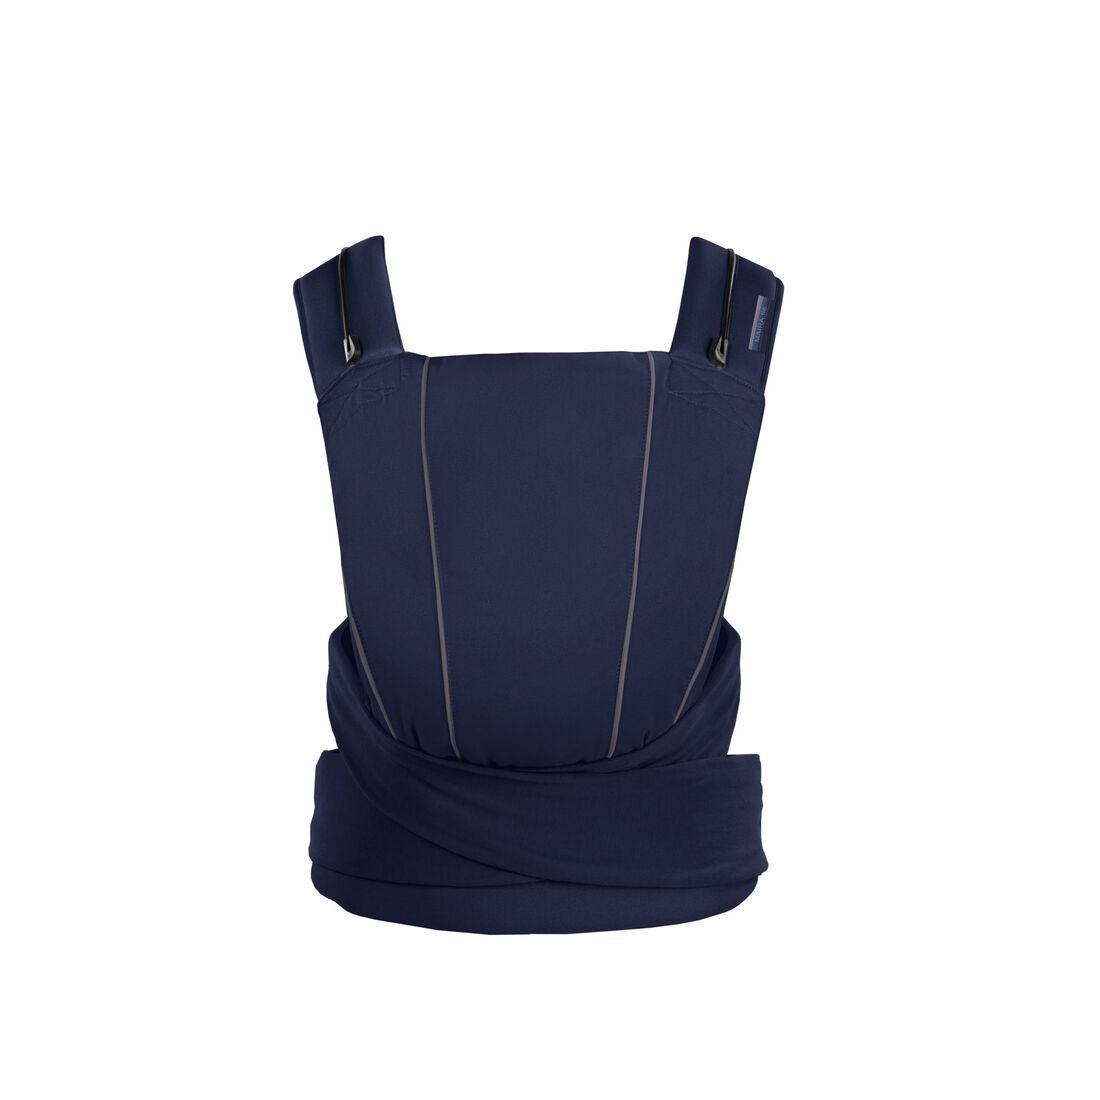 CYBEX Maira Tie - Denim Blue in Denim Blue large Bild 1